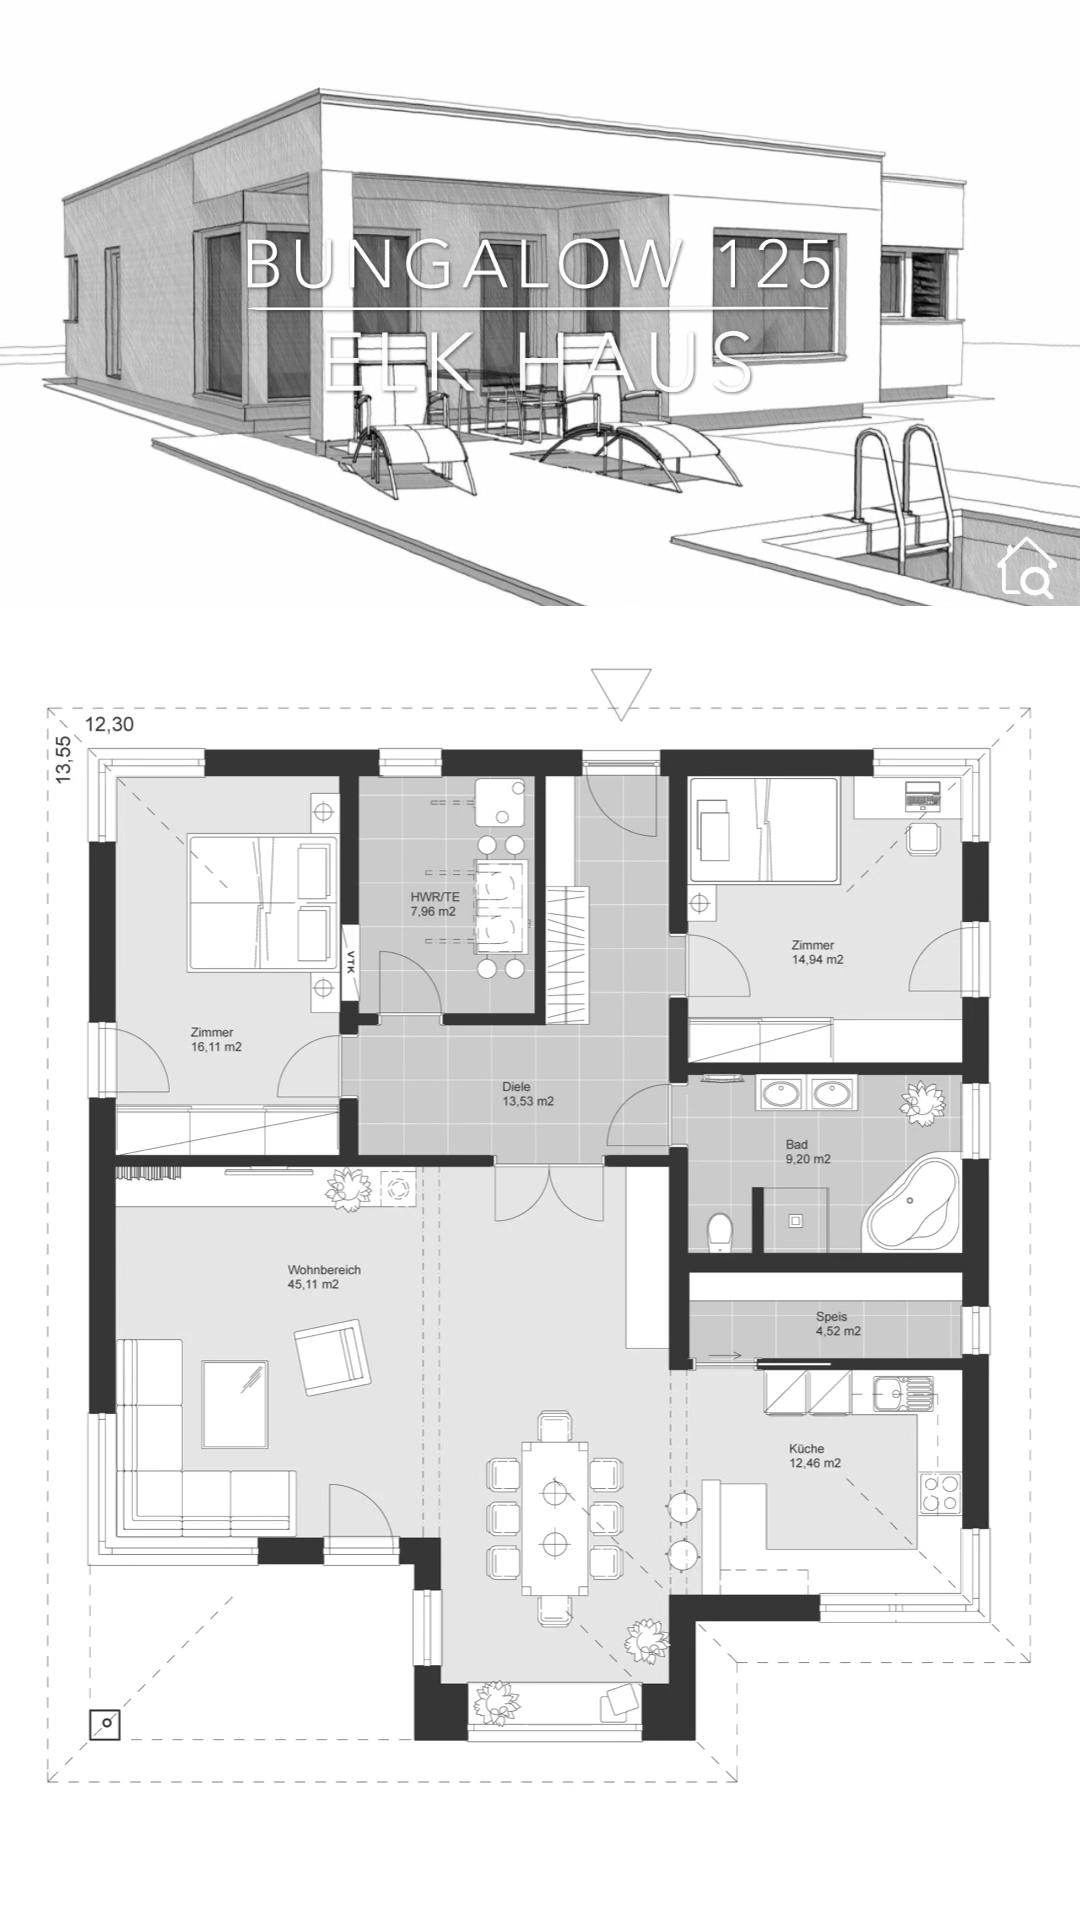 Fertighaus Bungalow Haus Grundriss modern mit Flachdach Architektur im Bauhausstil